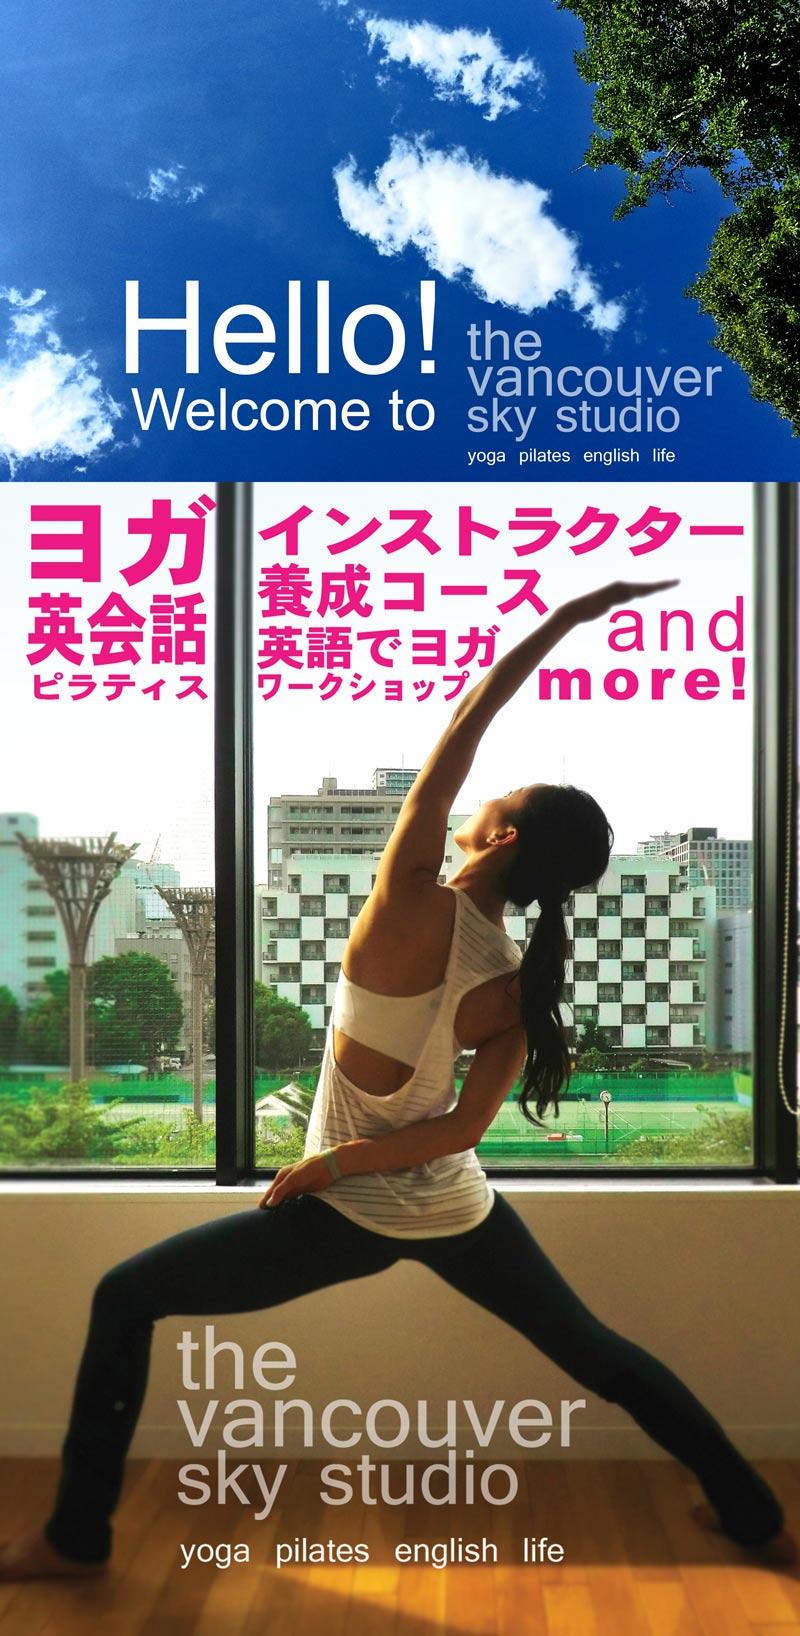 大阪ヨガスタジオ 英会話 靭公園 、バンクーバースカイスタジオへようこそ!大阪本町靭公園のすぐ側、カナダバンクーバーの様な開放感たっぷりの空間でヨガ、ピラティス。朝ヨガから夜のヨガまで色んな空と一緒にヨガを楽しめます! 大阪の街で異国の空間を…